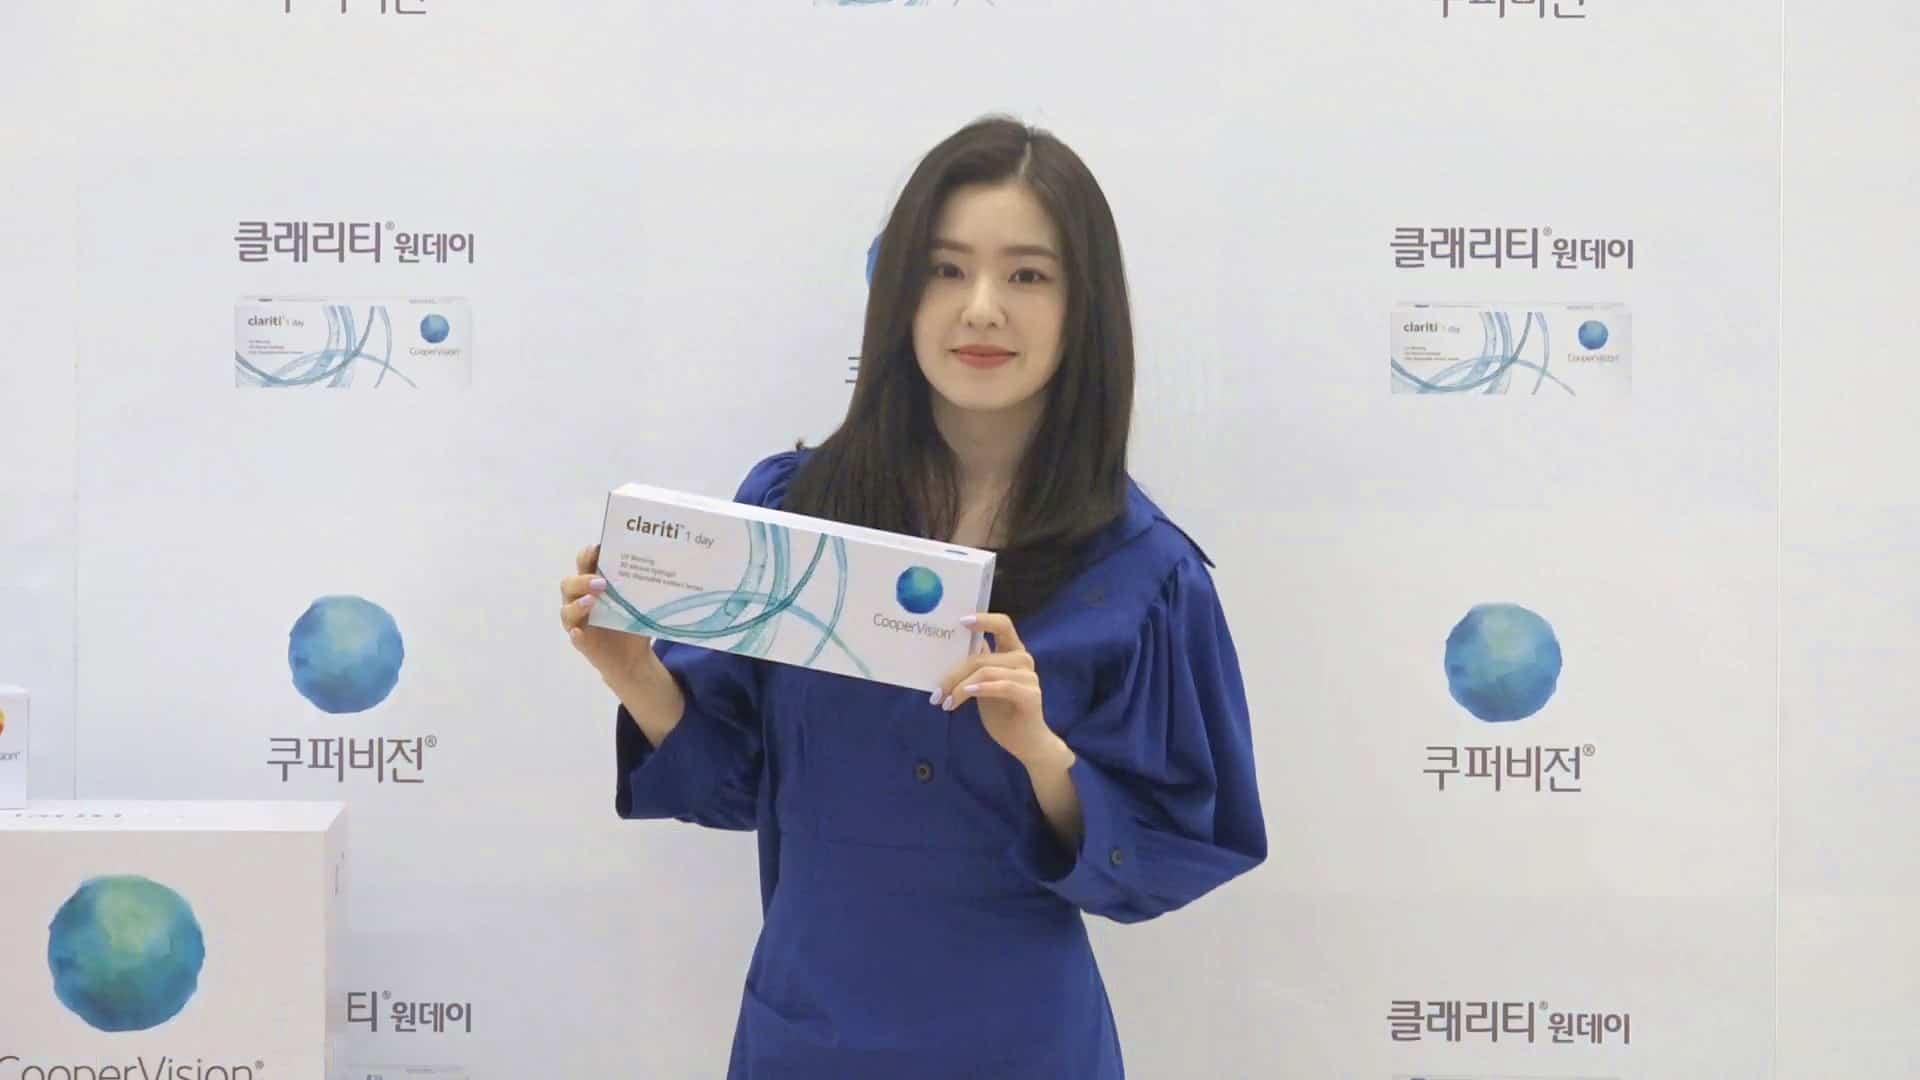 레드벨벳 아이린이 9일 오후 서울 강남구 코엑스에서 진행된 프라임 안경점 스토어